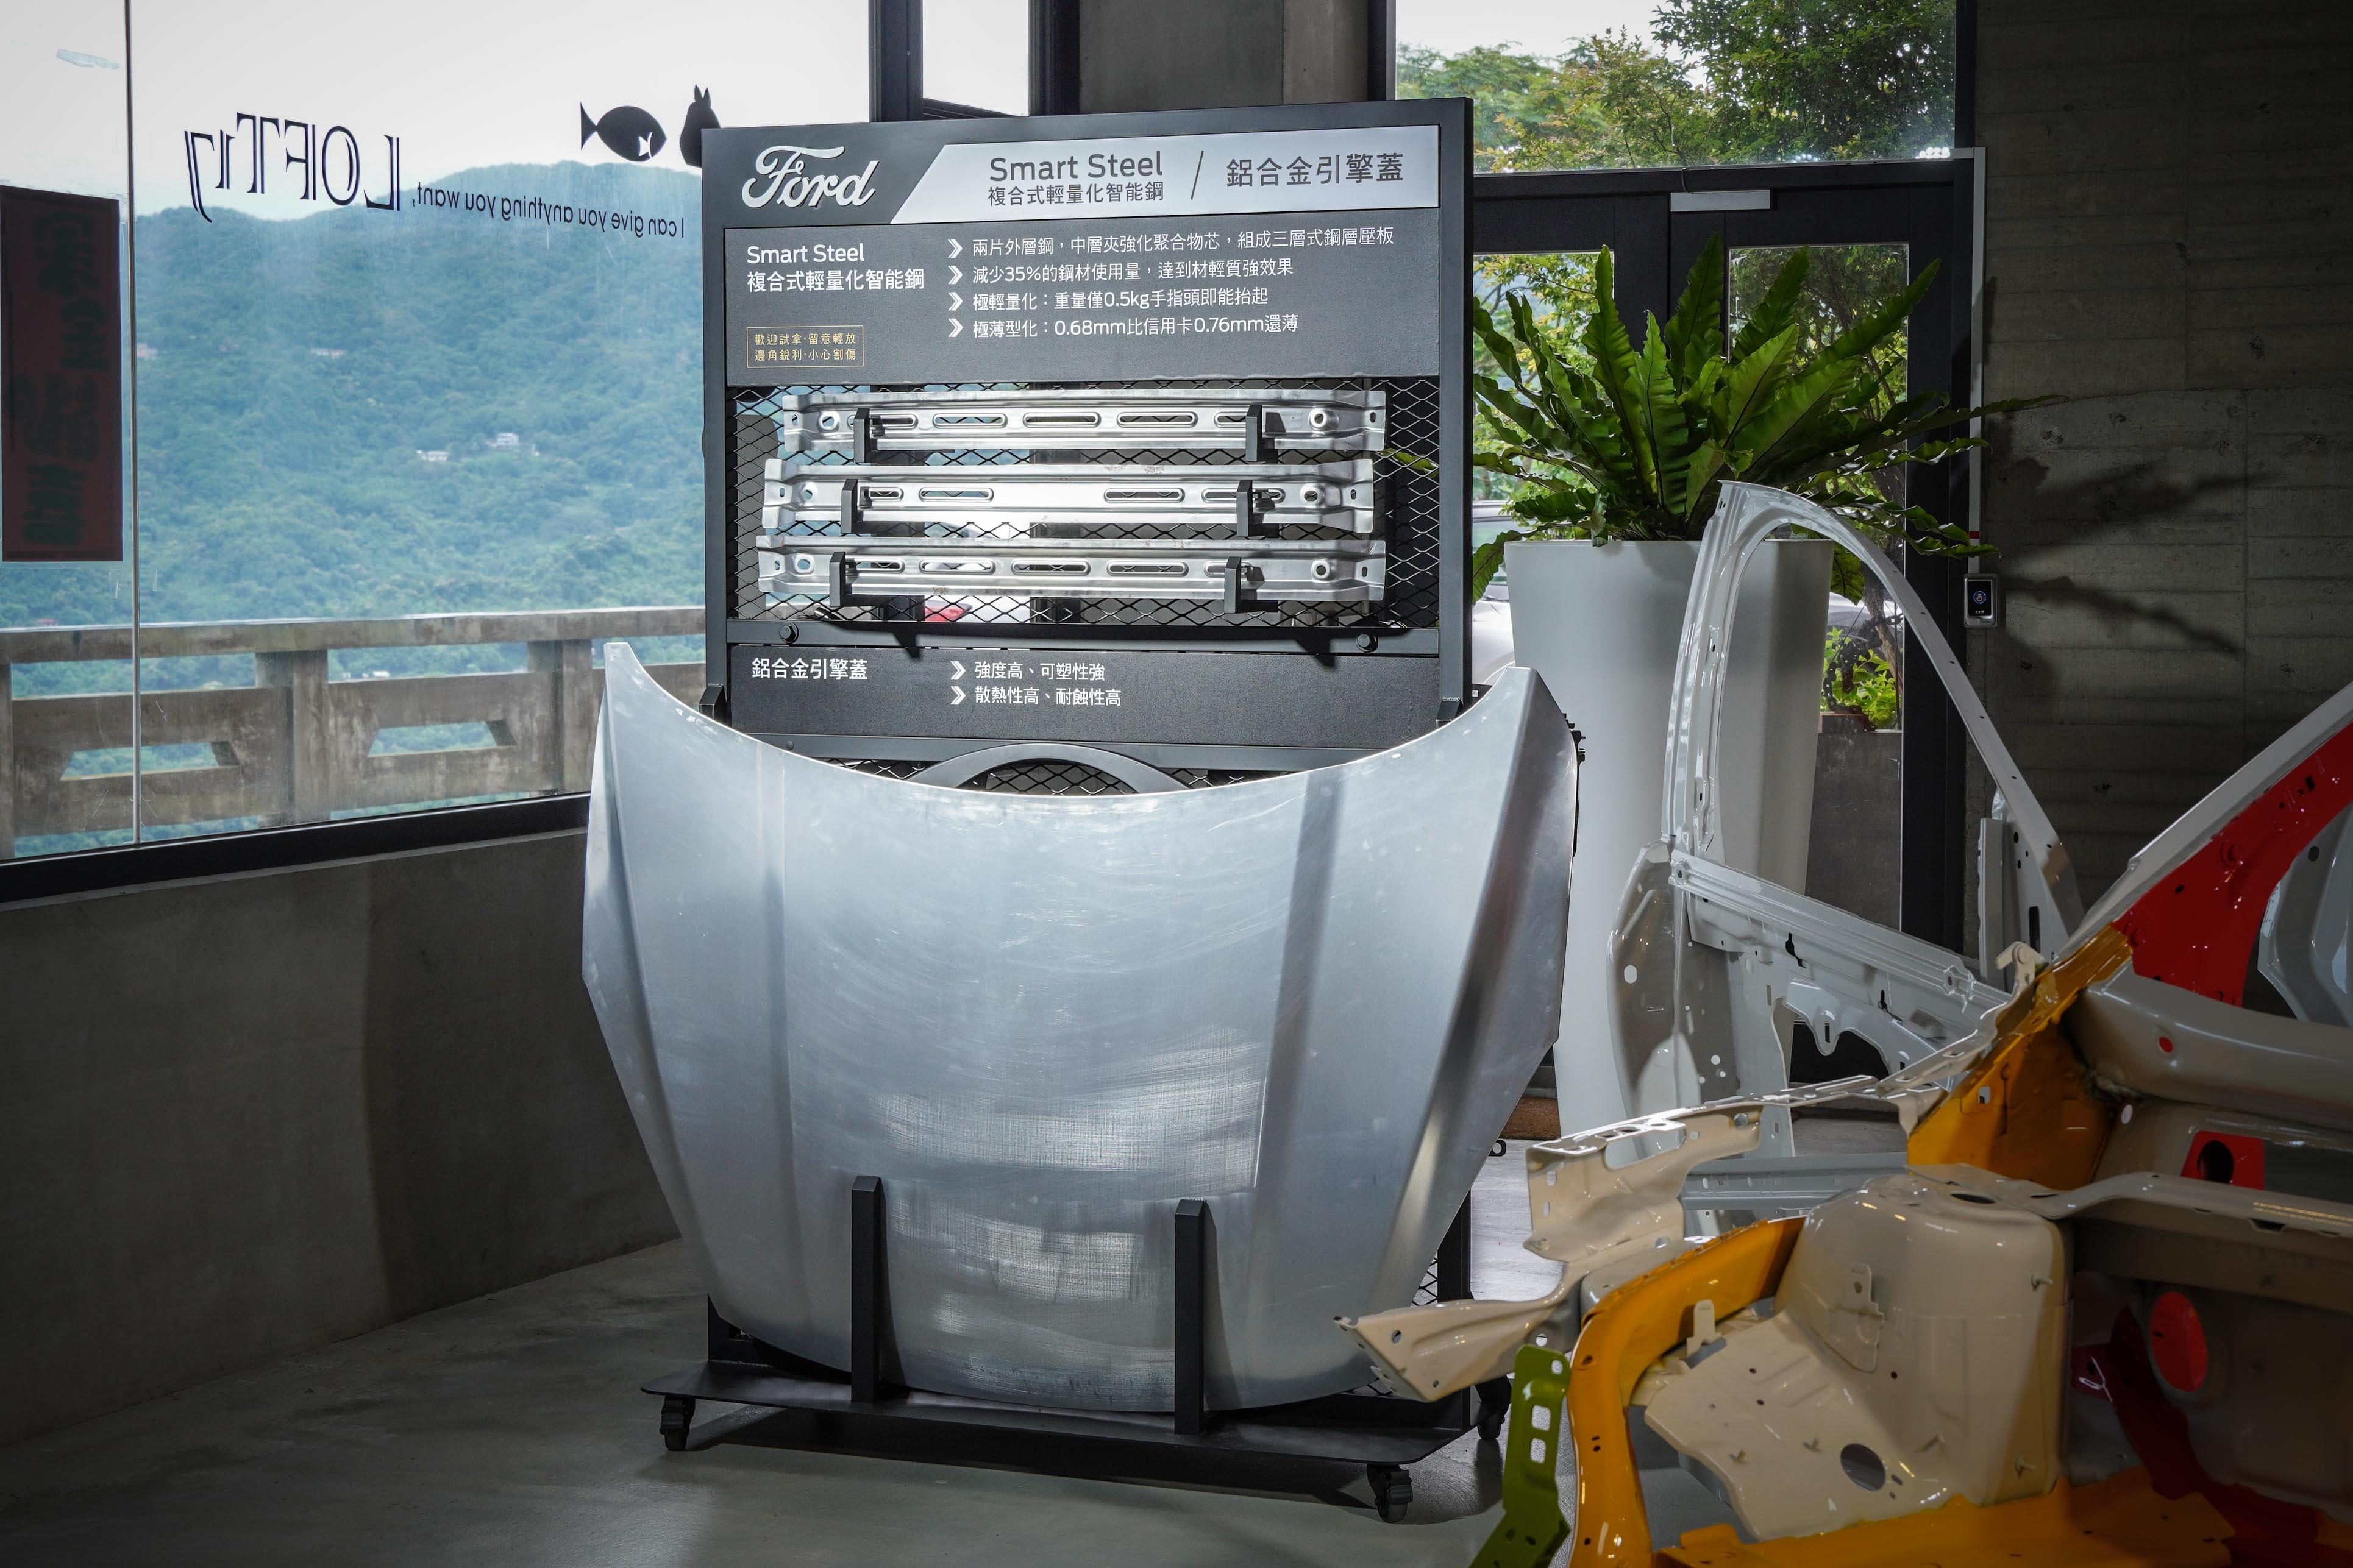 鋁合金引擎蓋及重量僅 500 公克的 SmartSteel 複合式輕量化智能鋼。